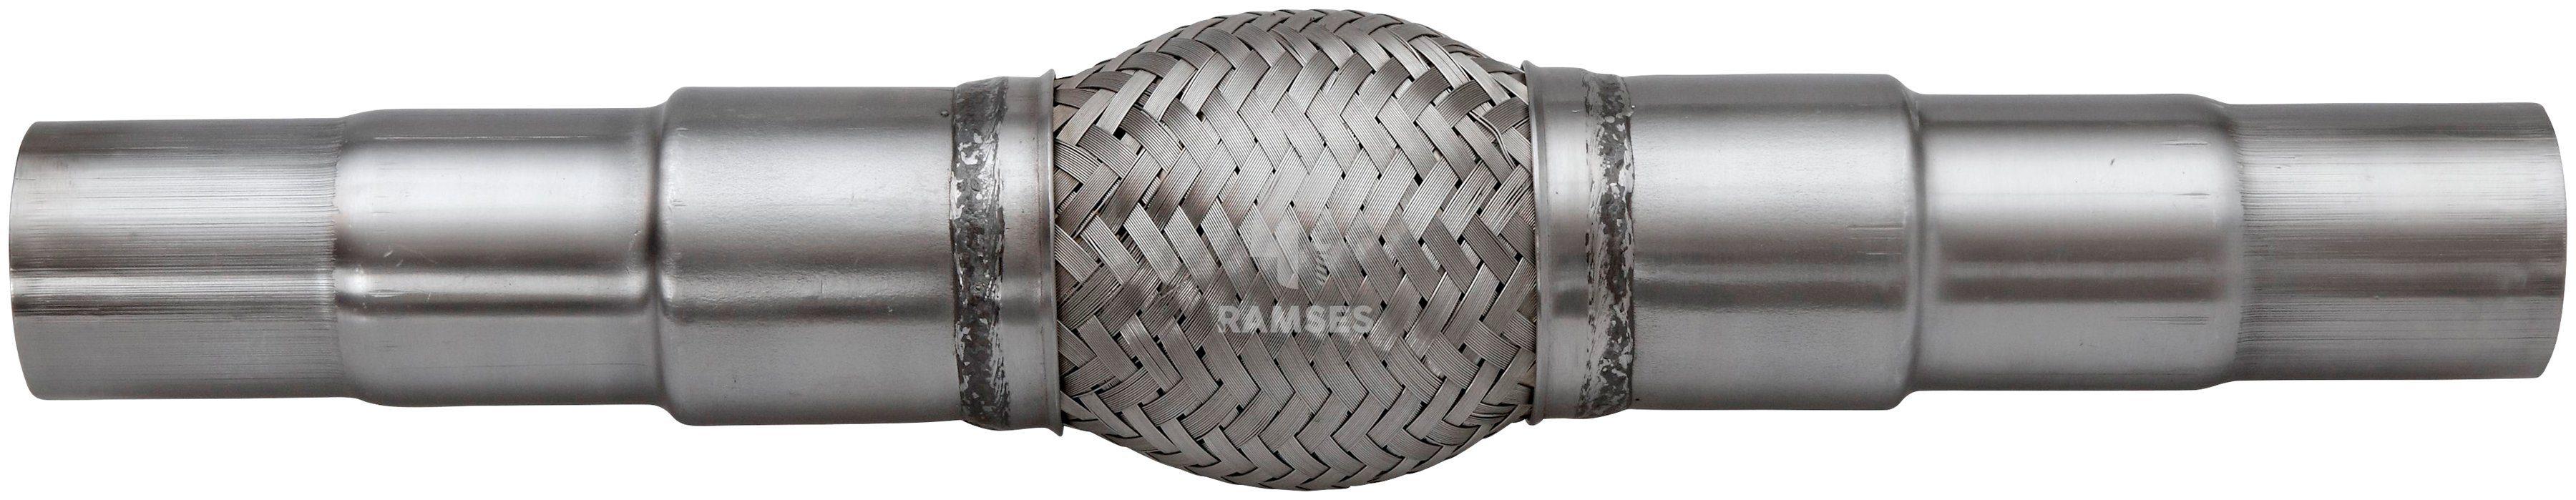 RAMSES Hosenrohr , universal 45/48/55 X 400/100 mm Edelstahl A2